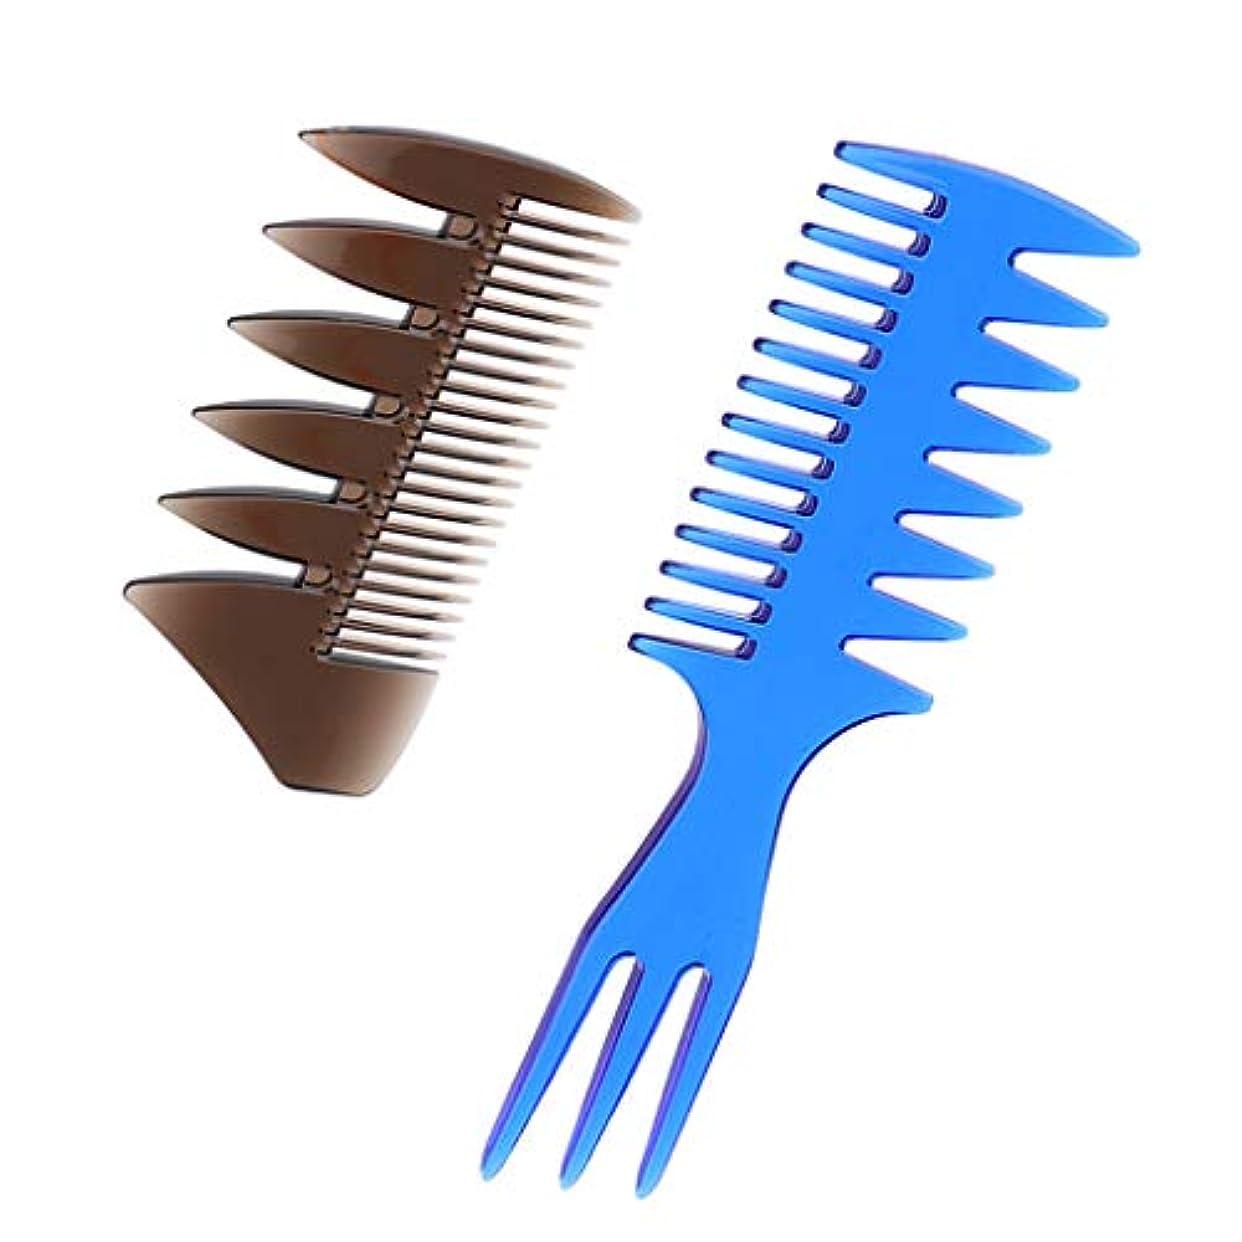 みなす青ライオネルグリーンストリート2本 男性 油性の髪櫛 ヘアブラシ ヘアサロン 広い歯櫛